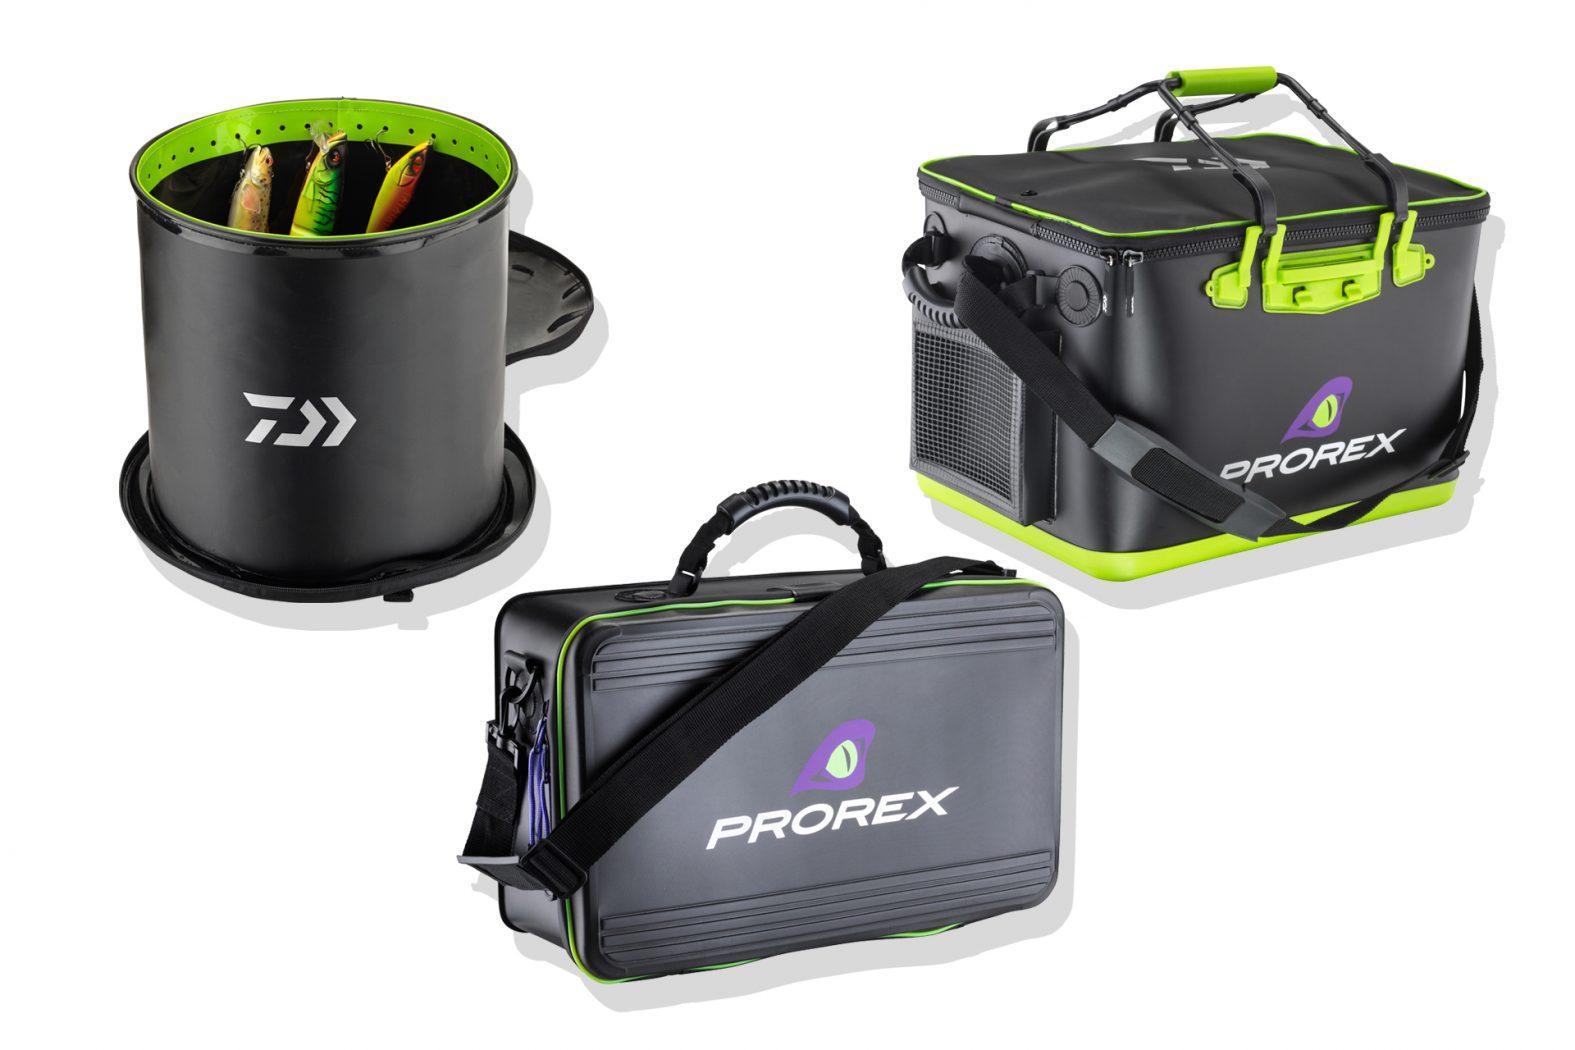 Prorex-Angeltaschen aus EVA von Daiwa